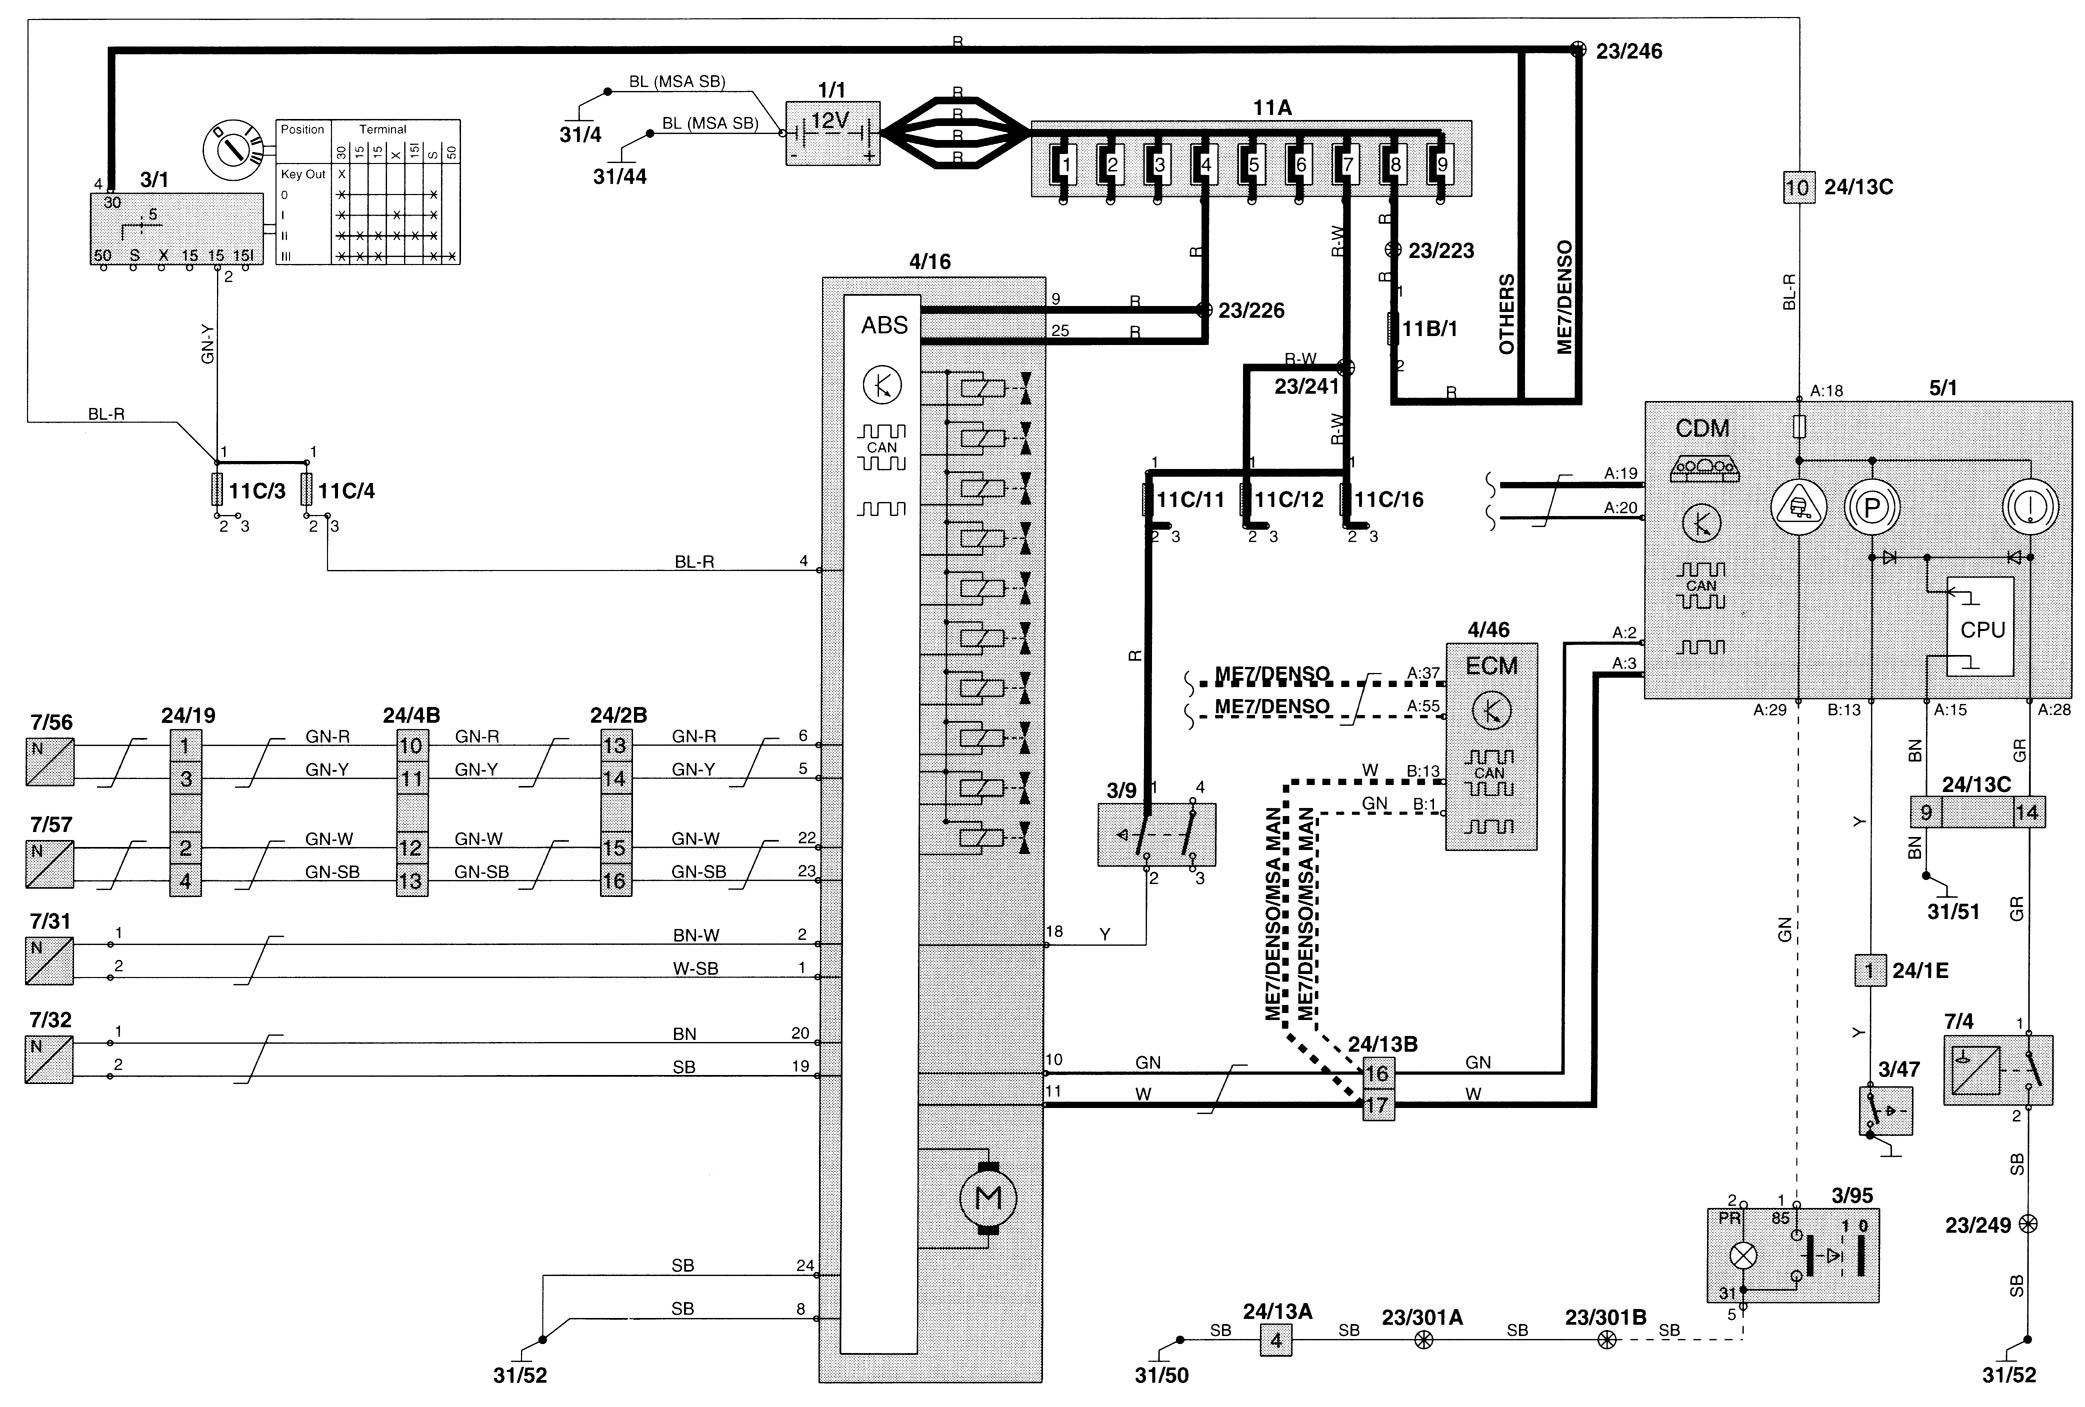 Ungewöhnlich C70 Schaltplan Ideen - Elektrische Schaltplan-Ideen ...